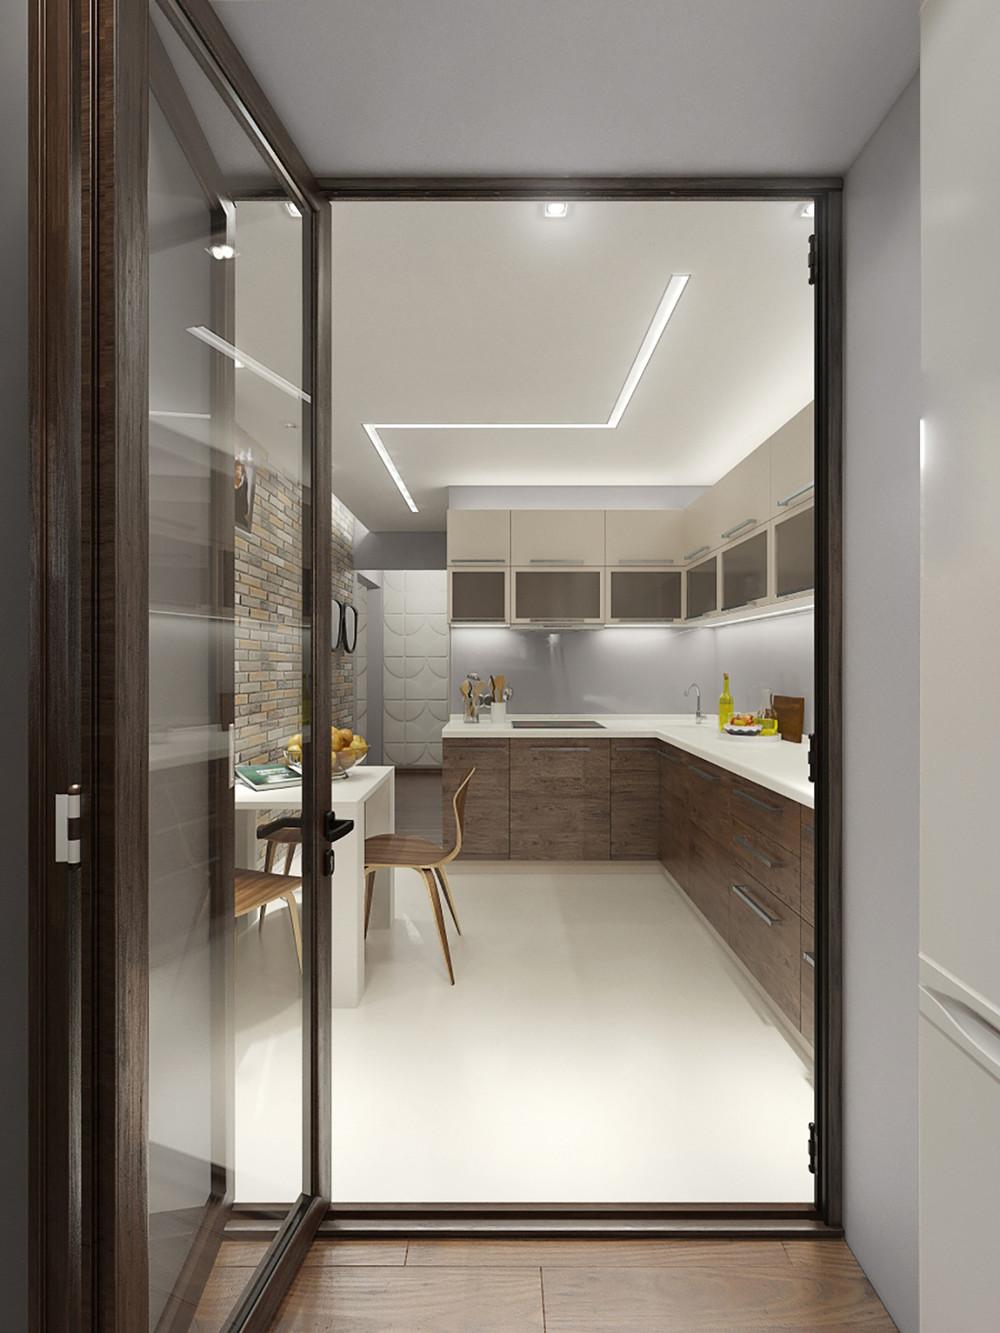 dvustaen-apartament-s-moderen-i-praktichen-interior-v-moskva-58-m-910